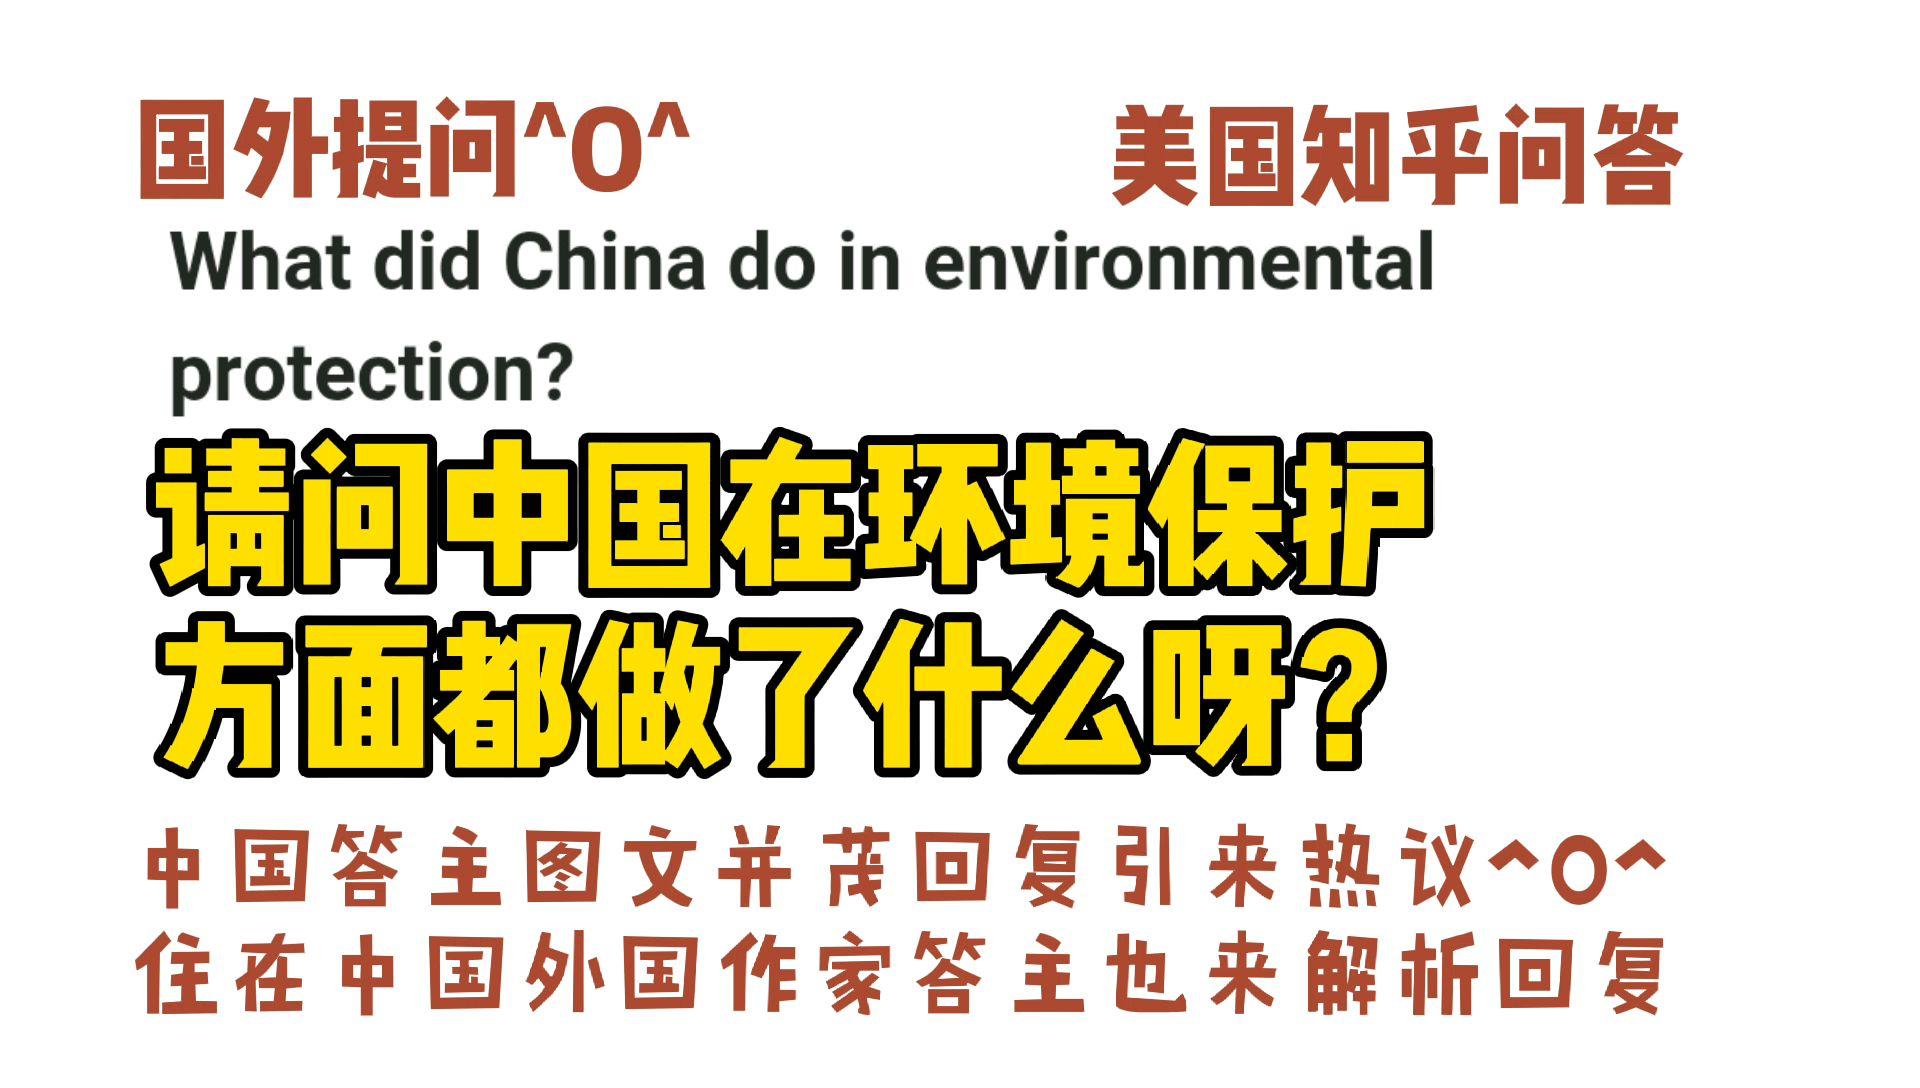 美国知乎,请问中国在环境保护方面都做了什么呀?中国答主图文并茂回复引来热议^O^住在中国外国作家回答